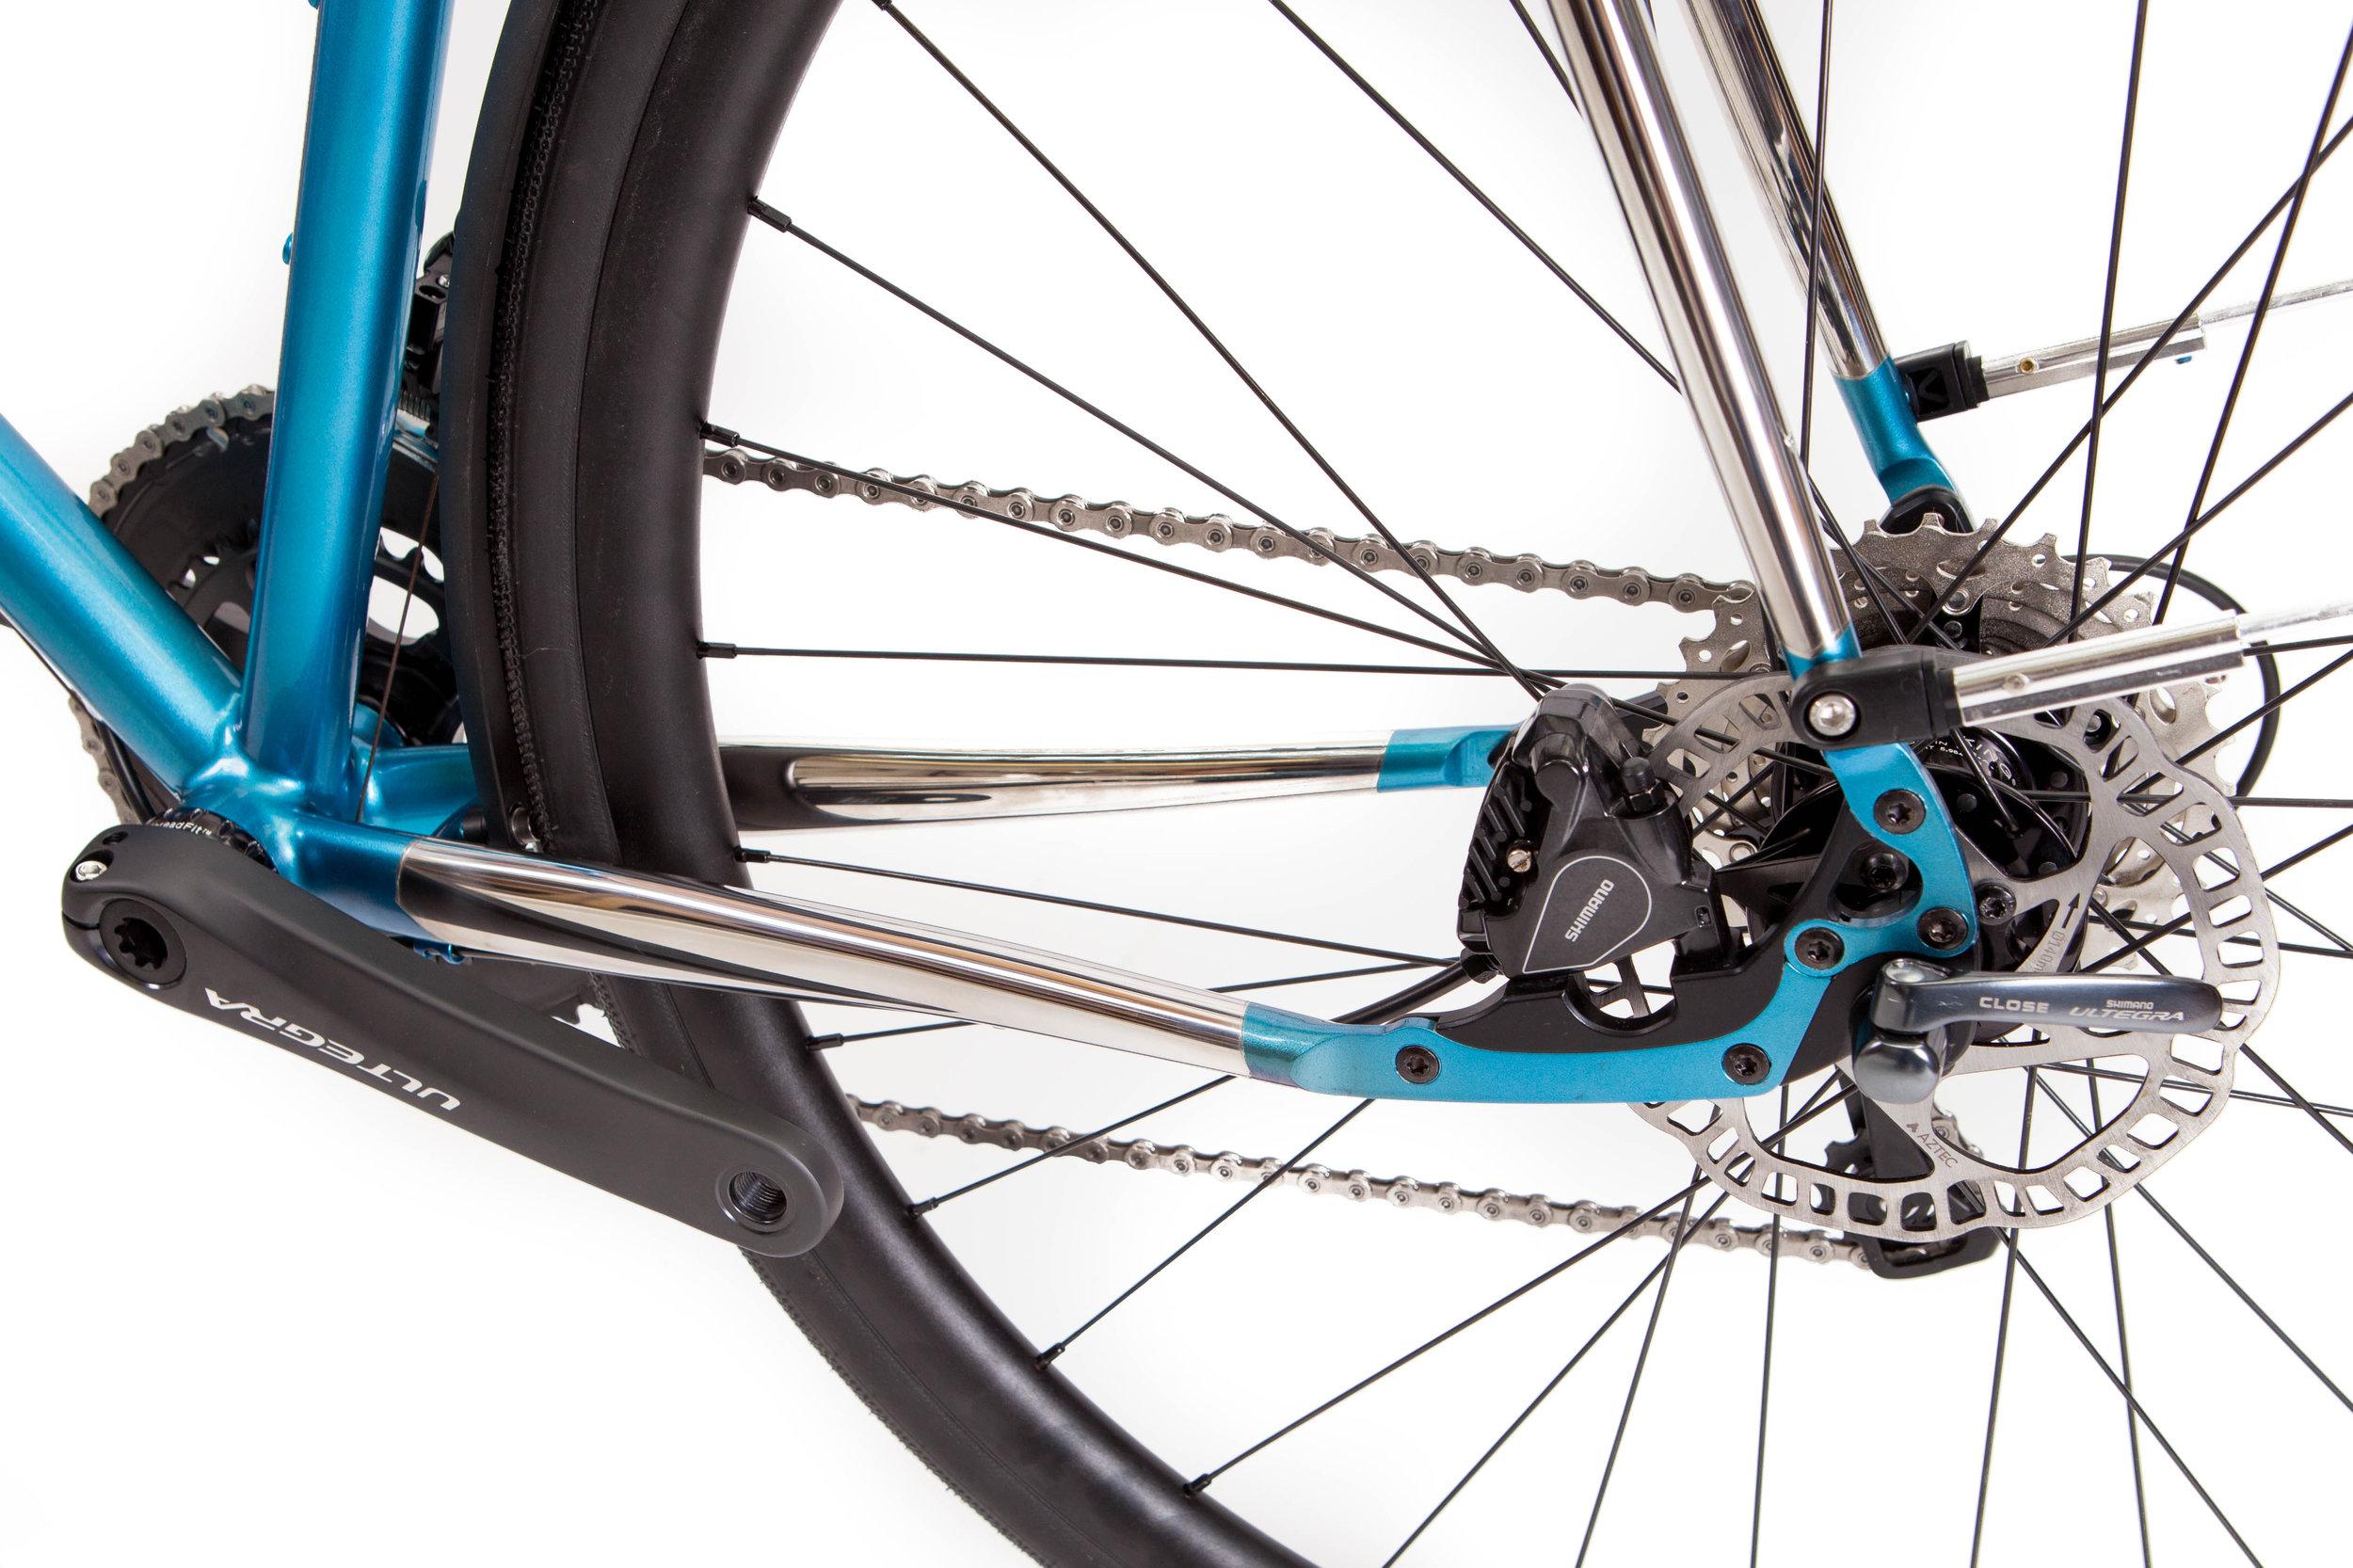 Jeremy Corbett Stainless Light Tourer polydrop:brake detail.jpg